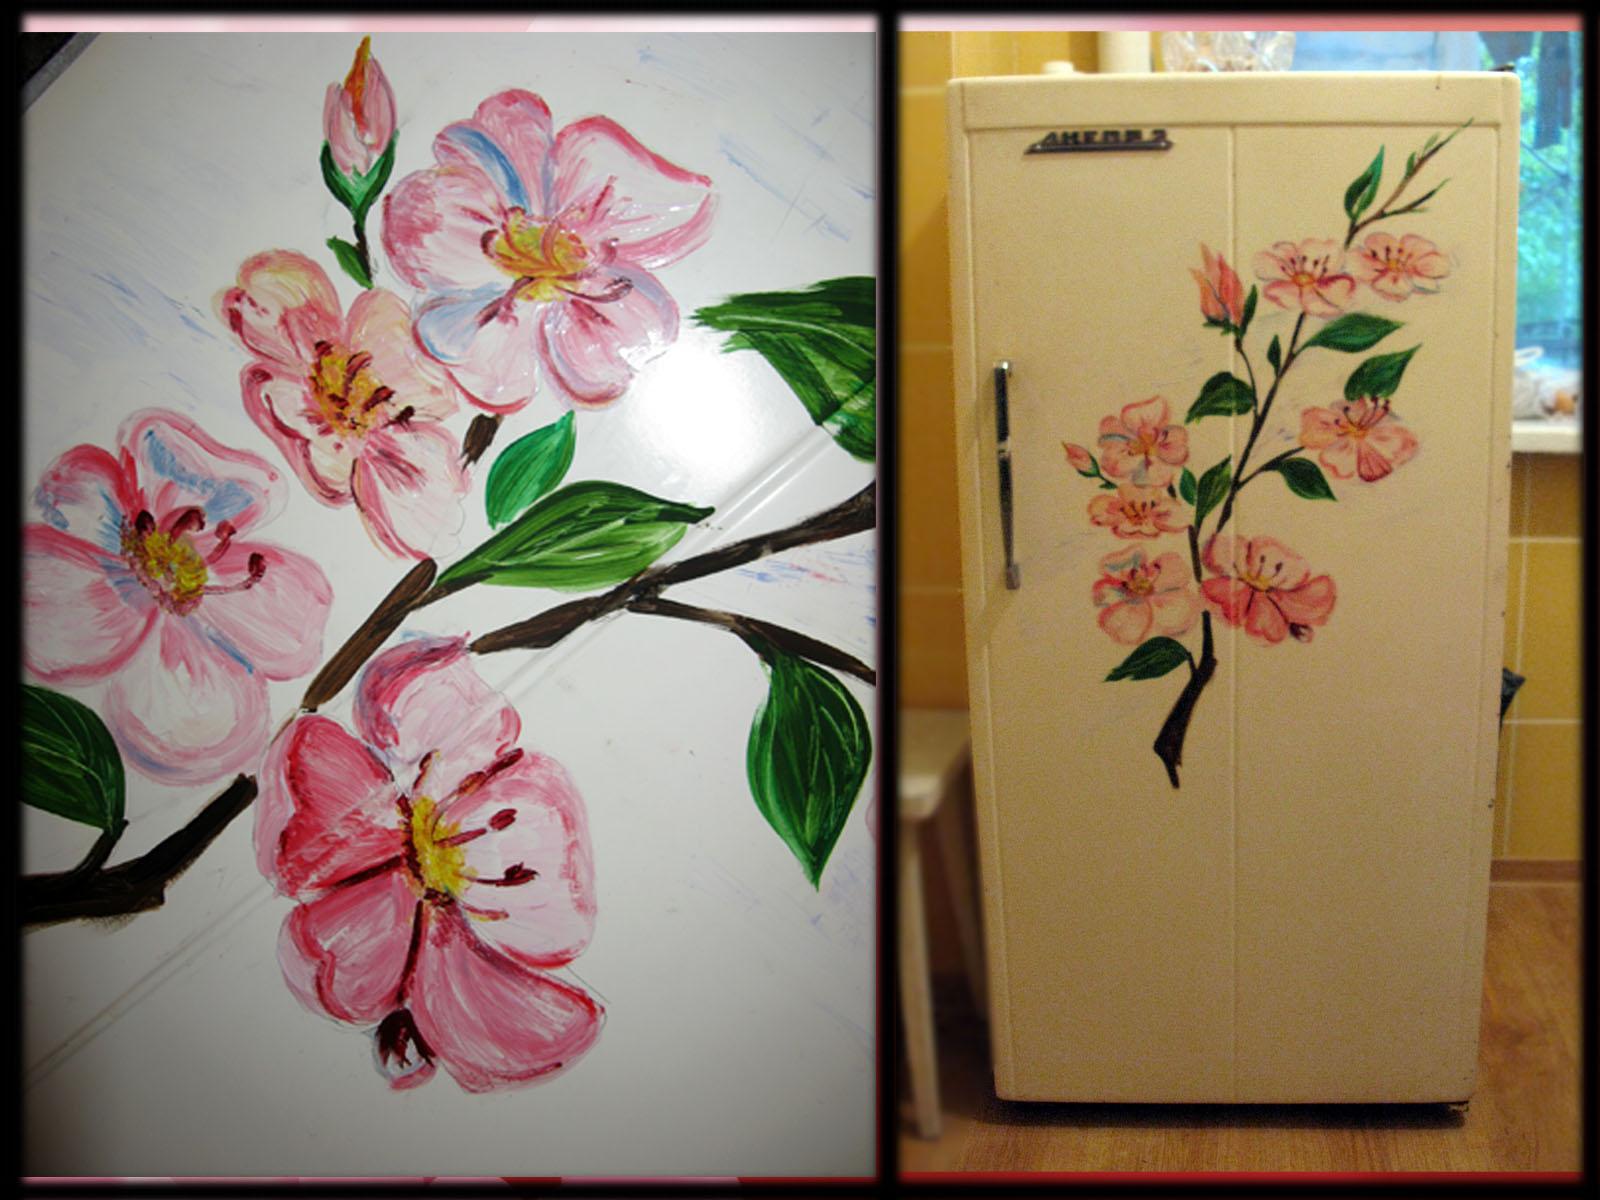 Оригинальность придает роспись и окрашивание корпуса холодильника